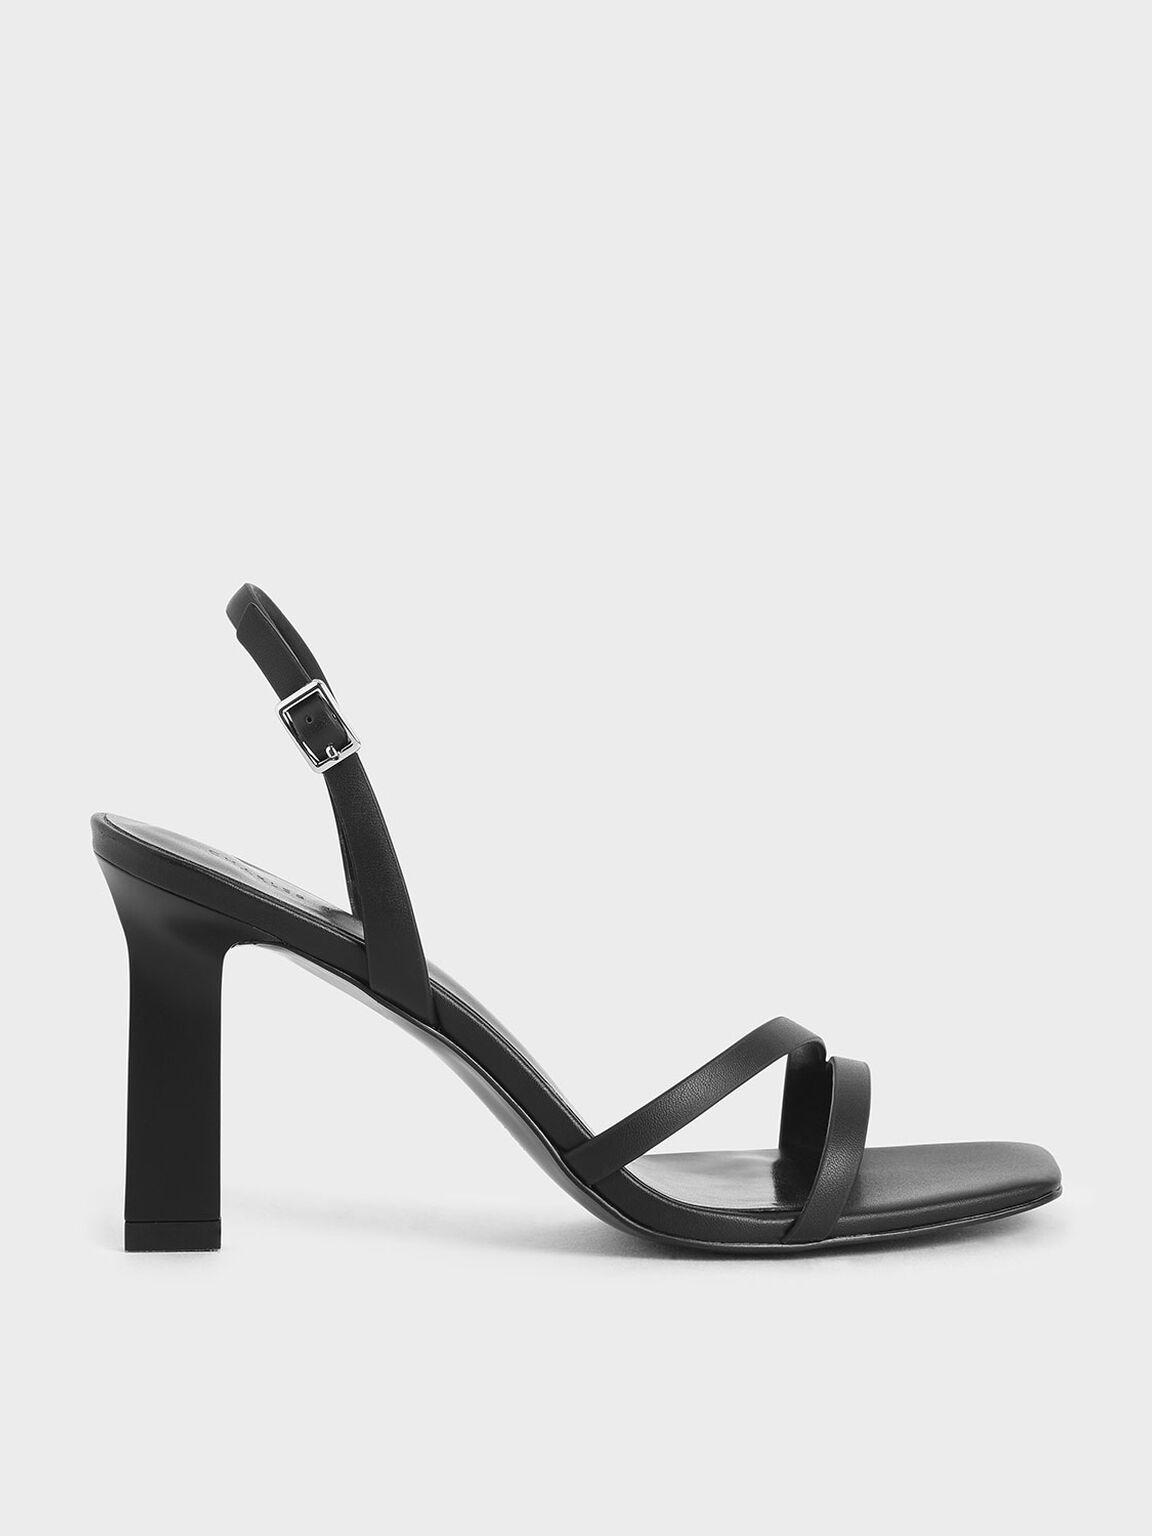 Strappy Blade Heel Slingback Sandals, Black, hi-res